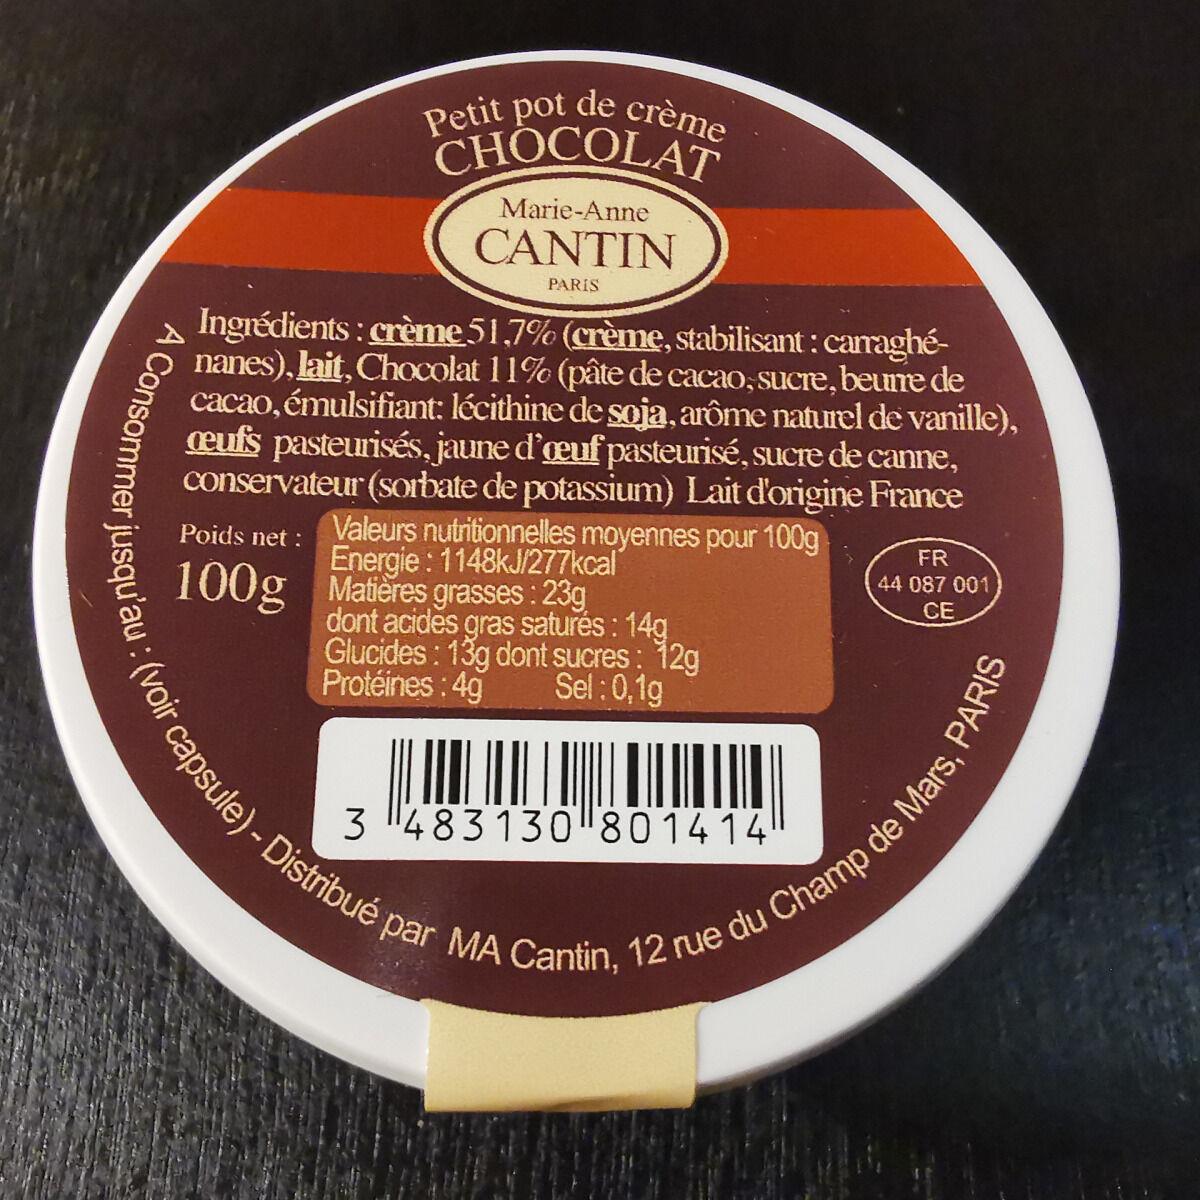 La Fromagerie Marie-Anne Cantin Petit Pot De Crème Chocolat